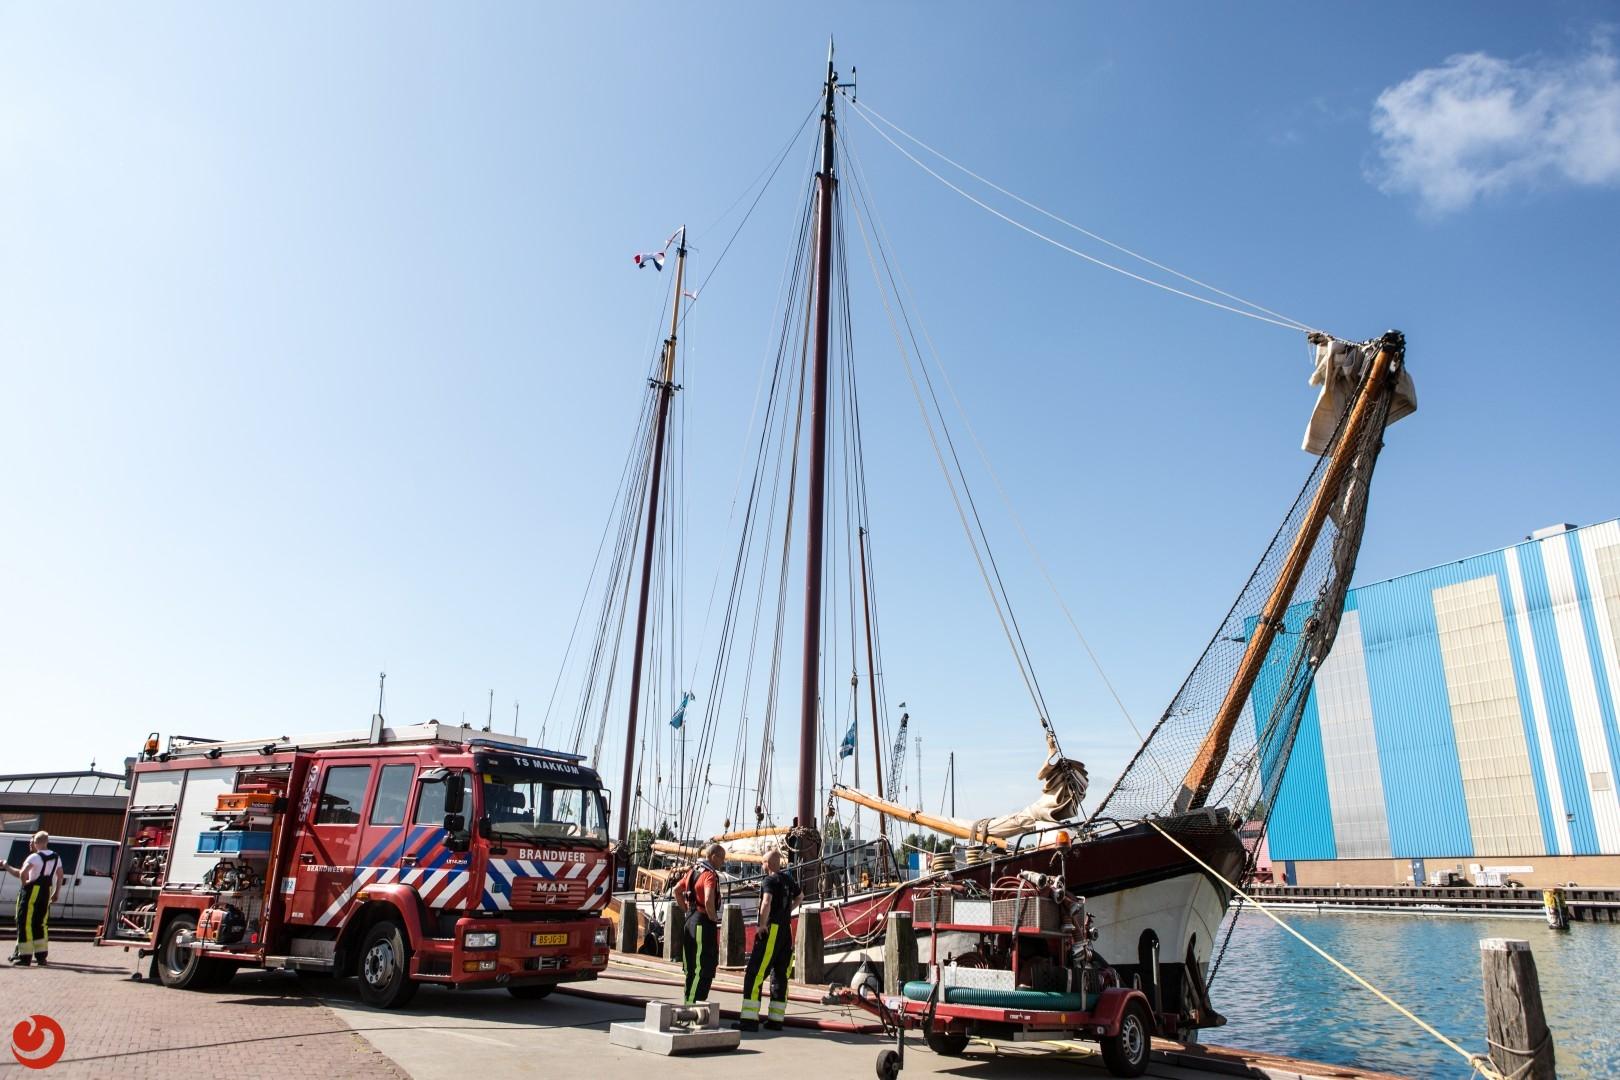 Charterschip leeggepompt door brandweer